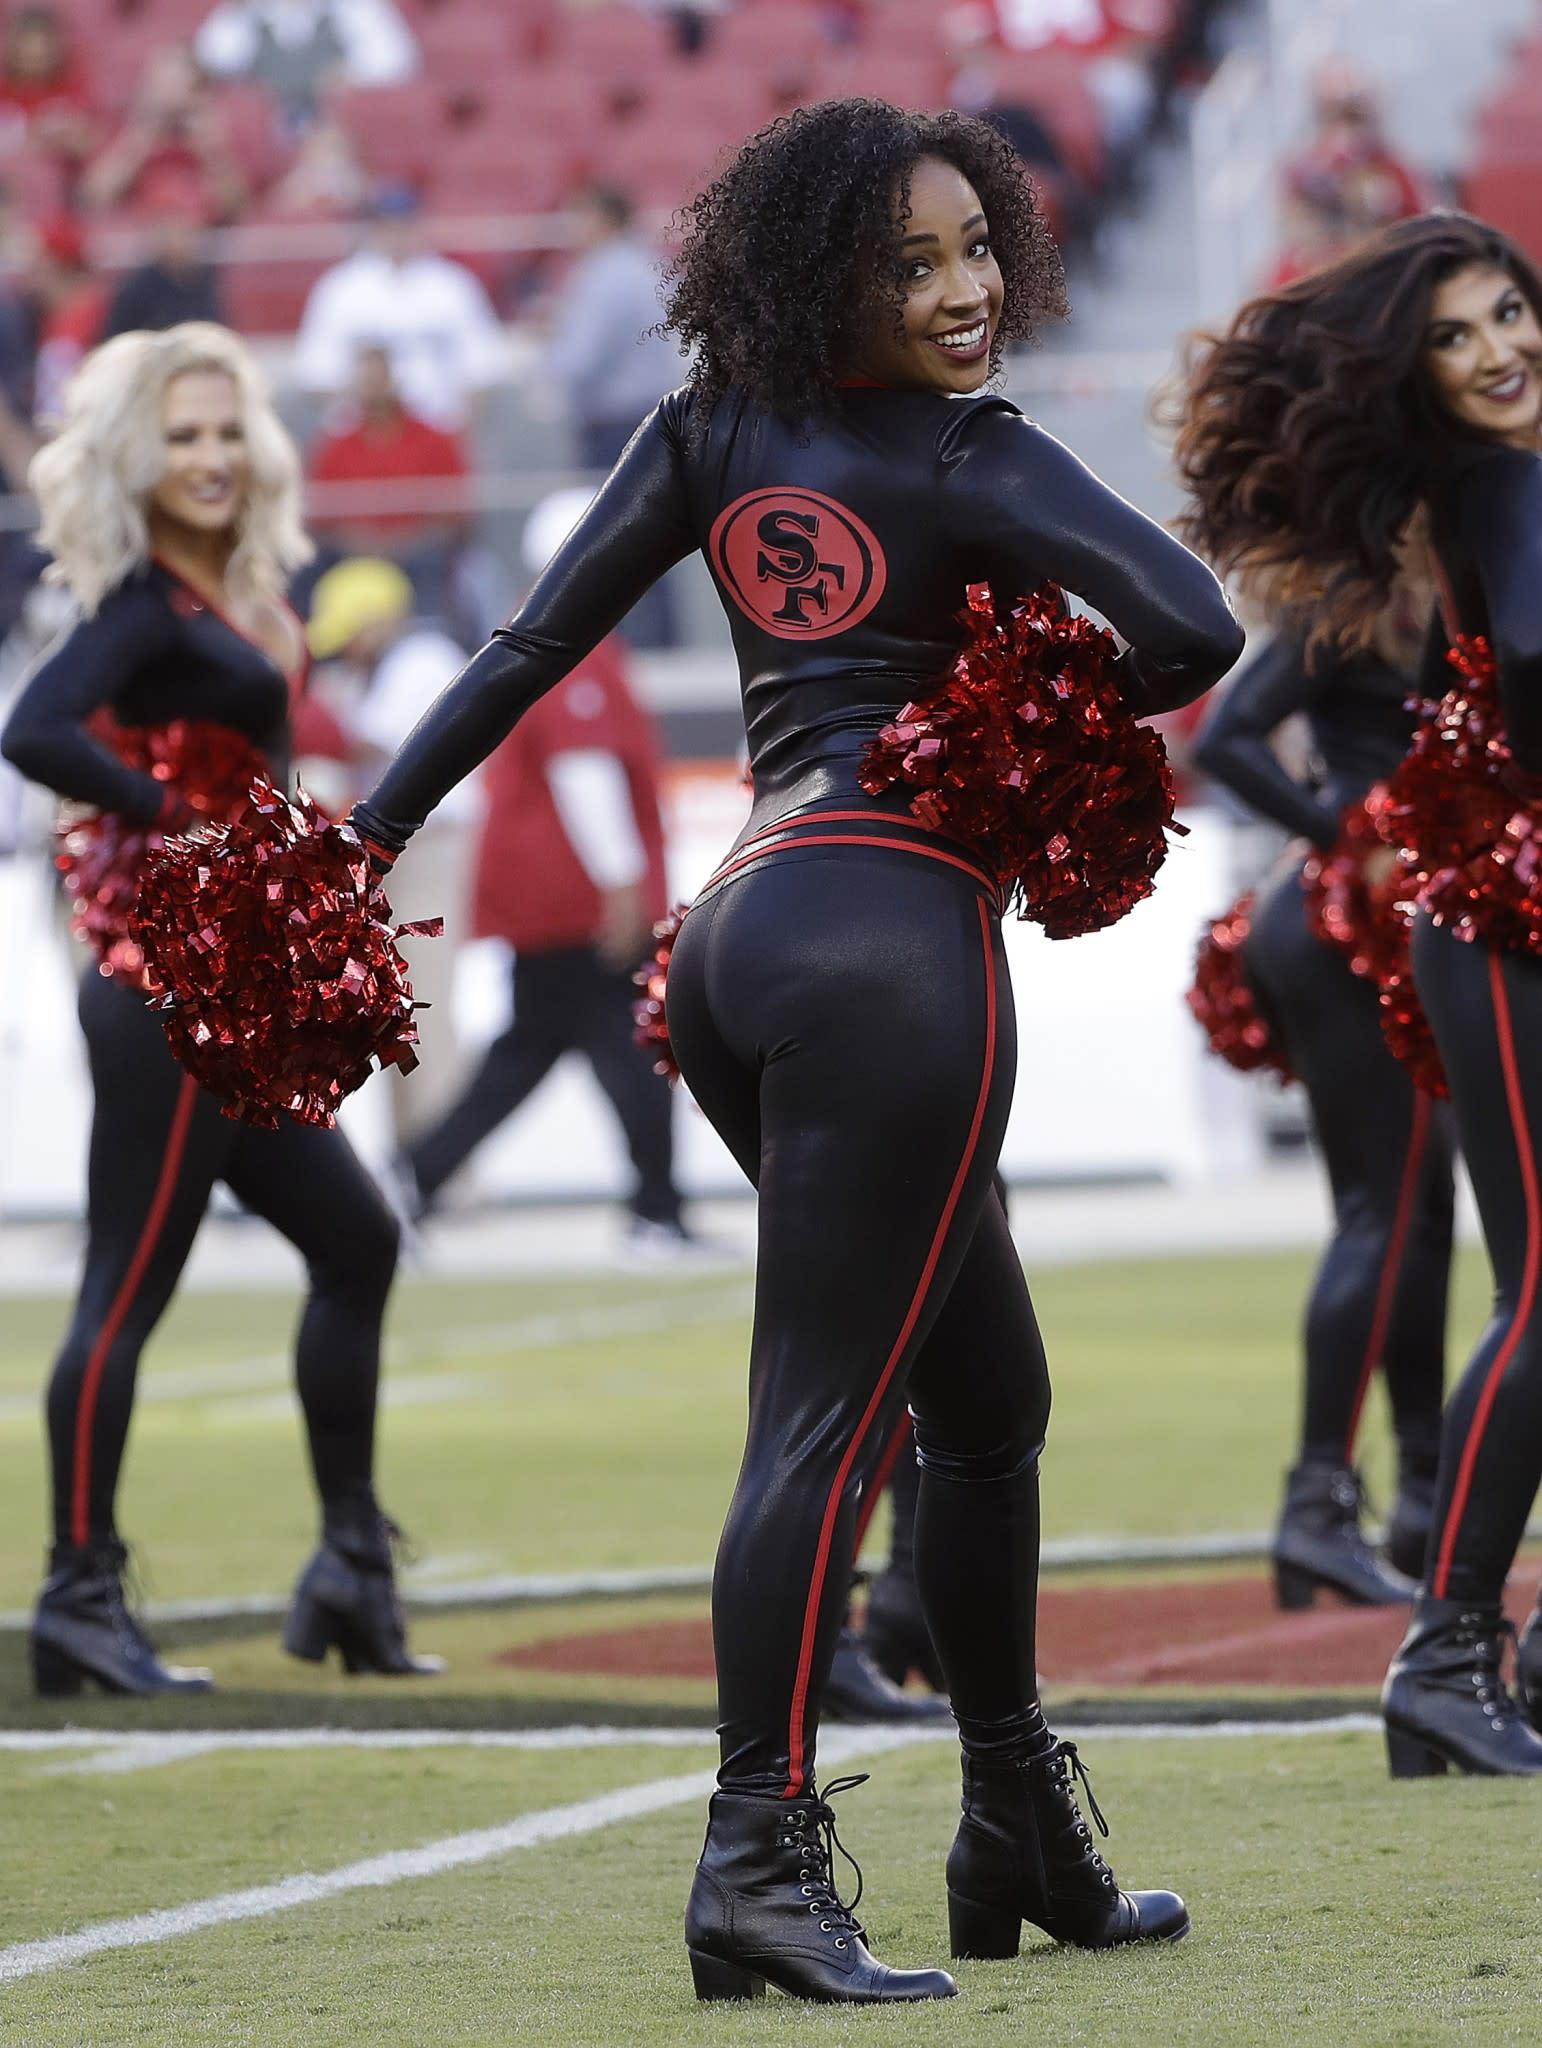 online store 37906 2c366 NFL Week 5 cheerleaders